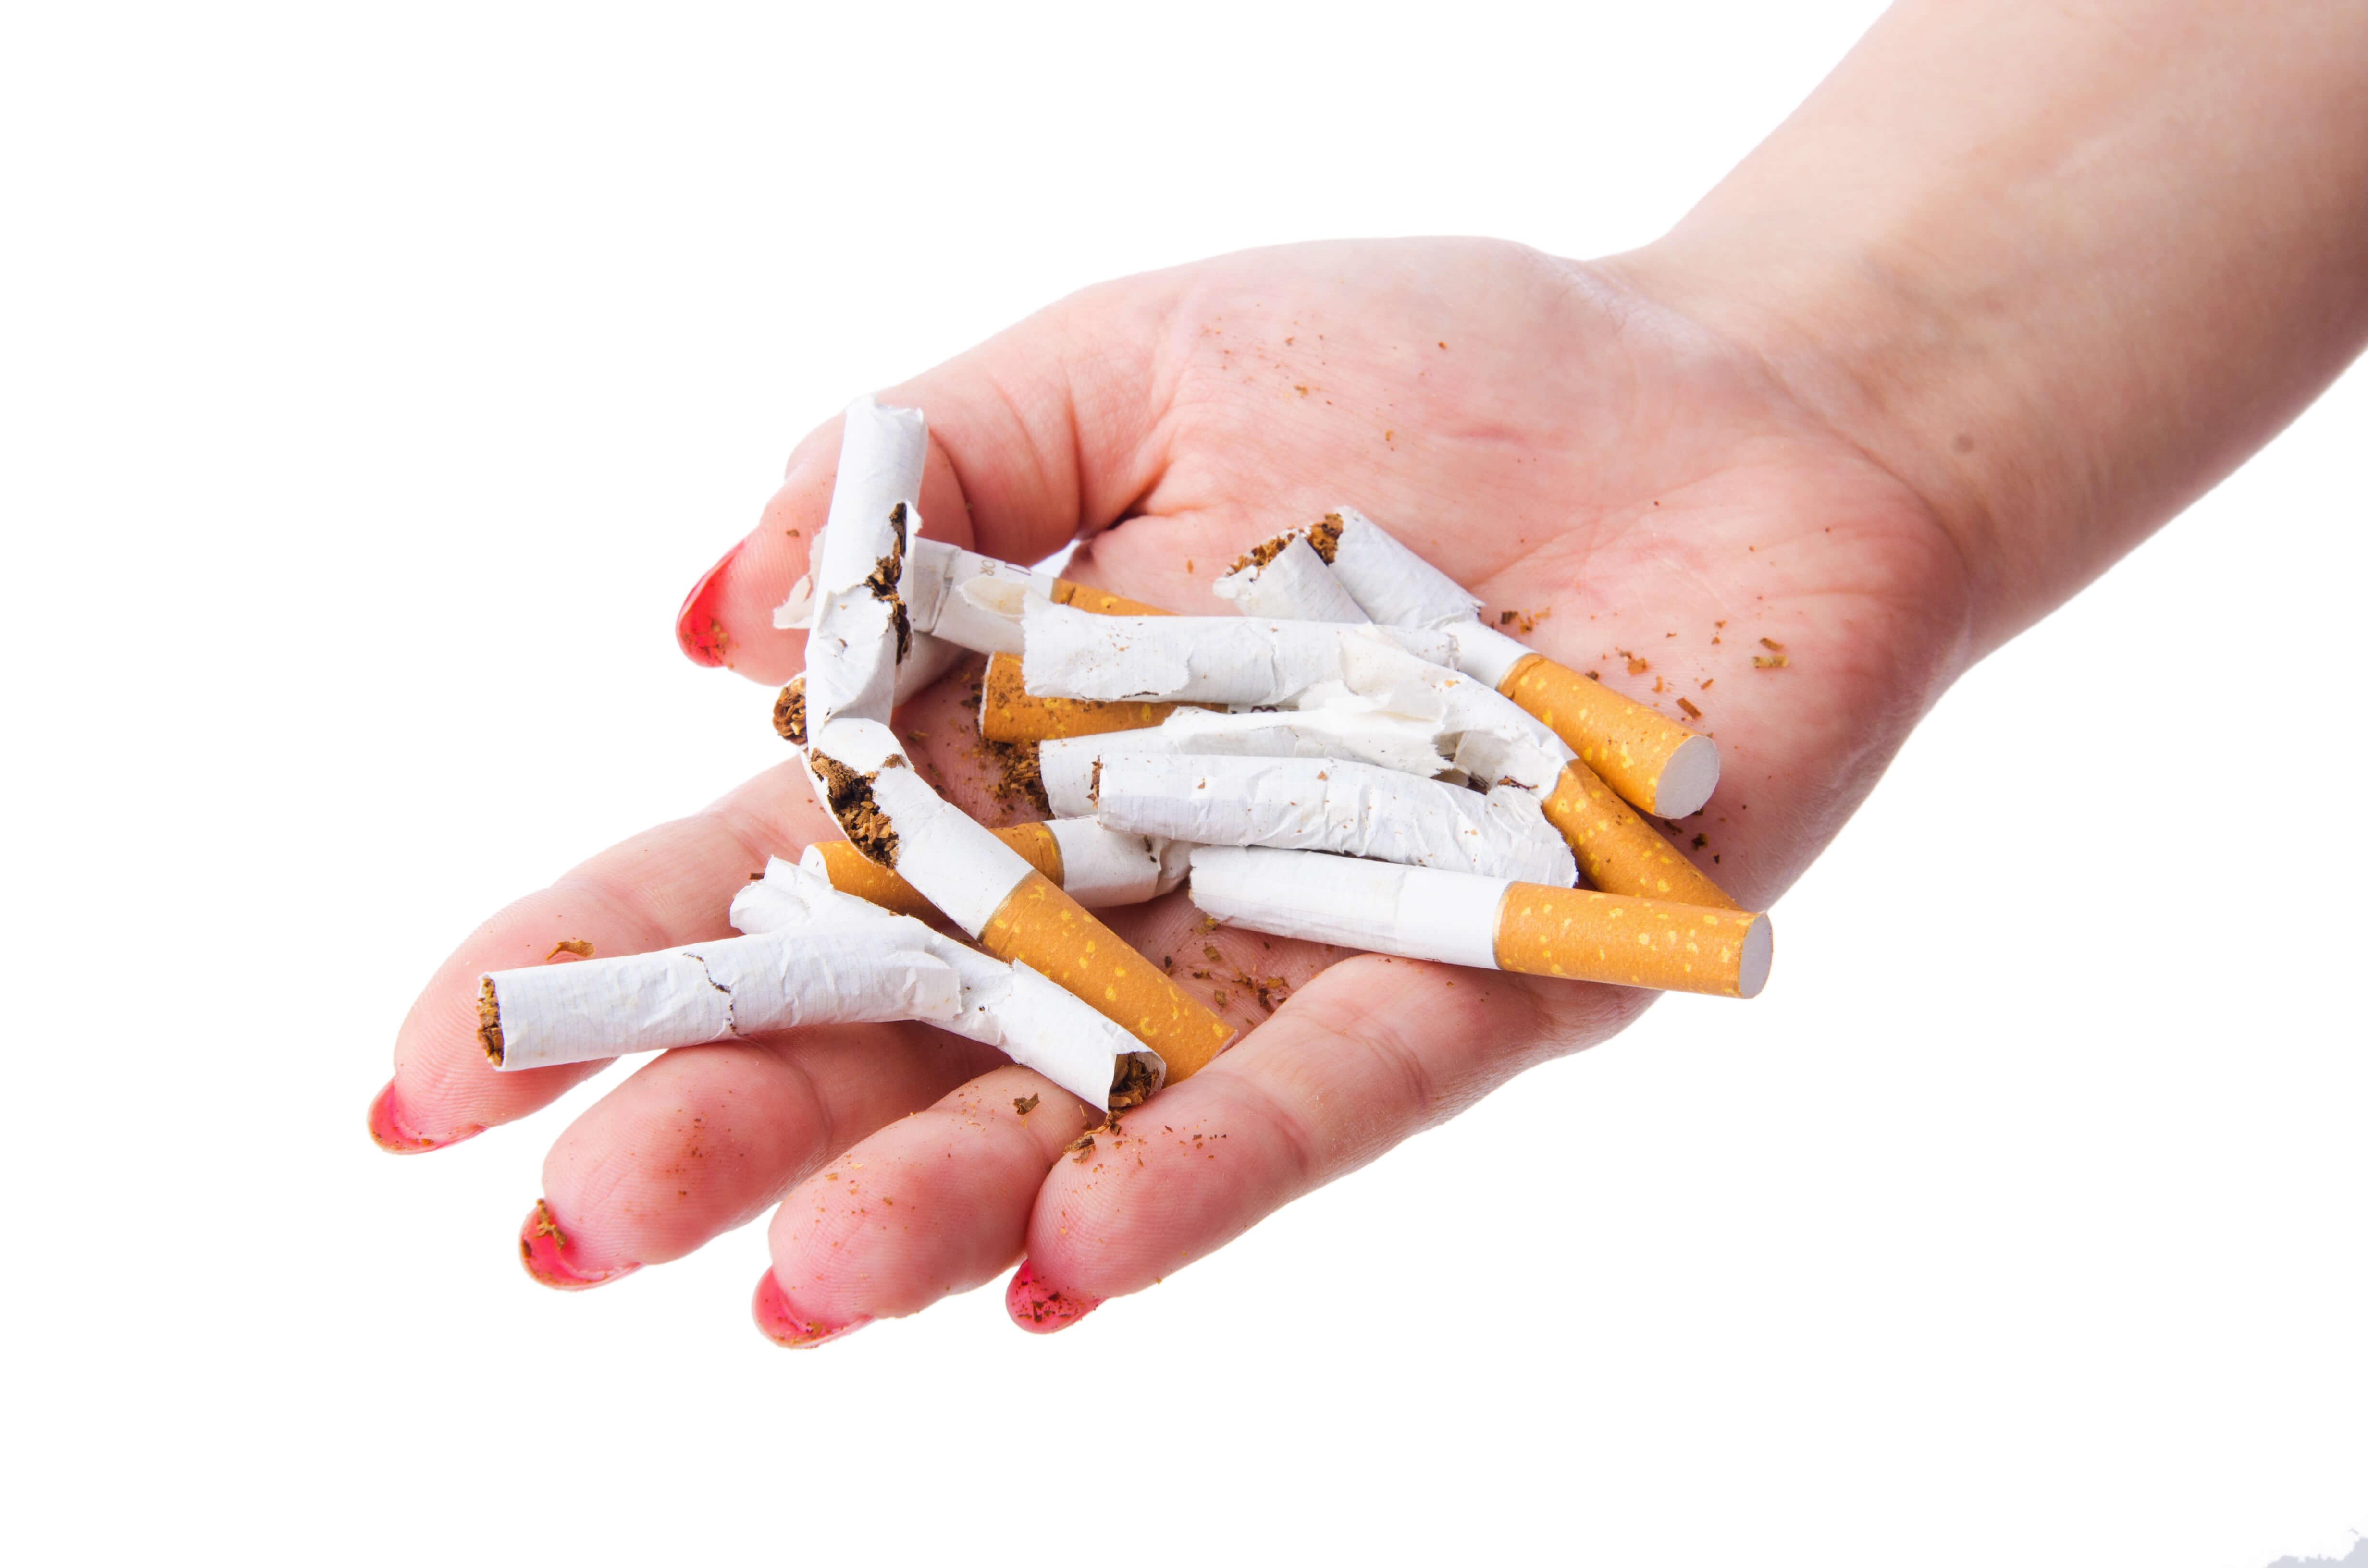 Svær håndeksem optræder hyppigere hos rygere